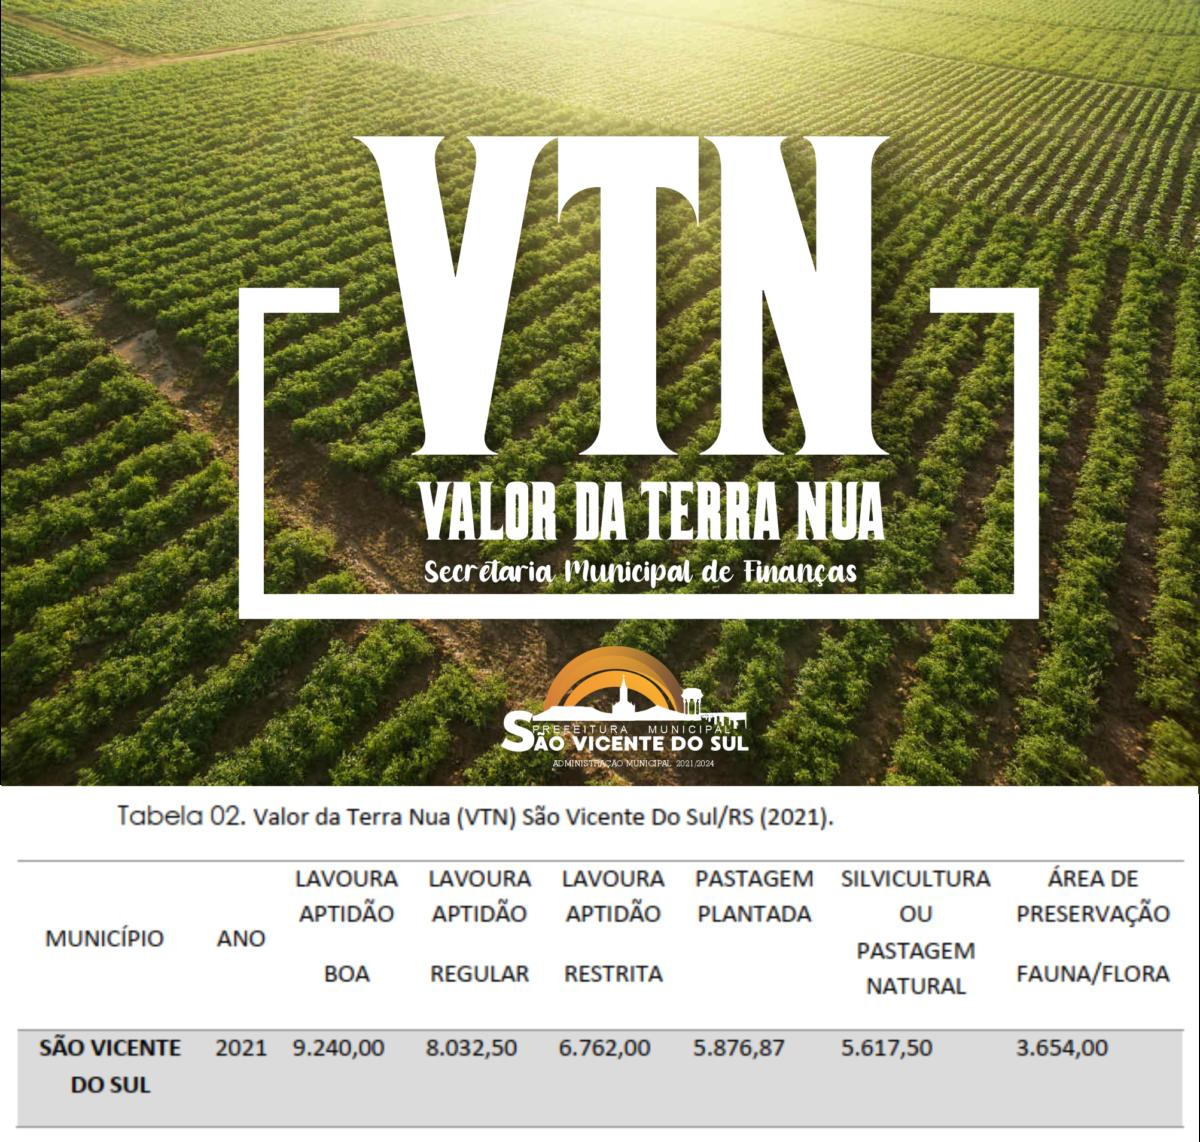 ESTABELECIDO O VALOR DA TERRA NUA (VTN) PARA O ANO DE 2021.